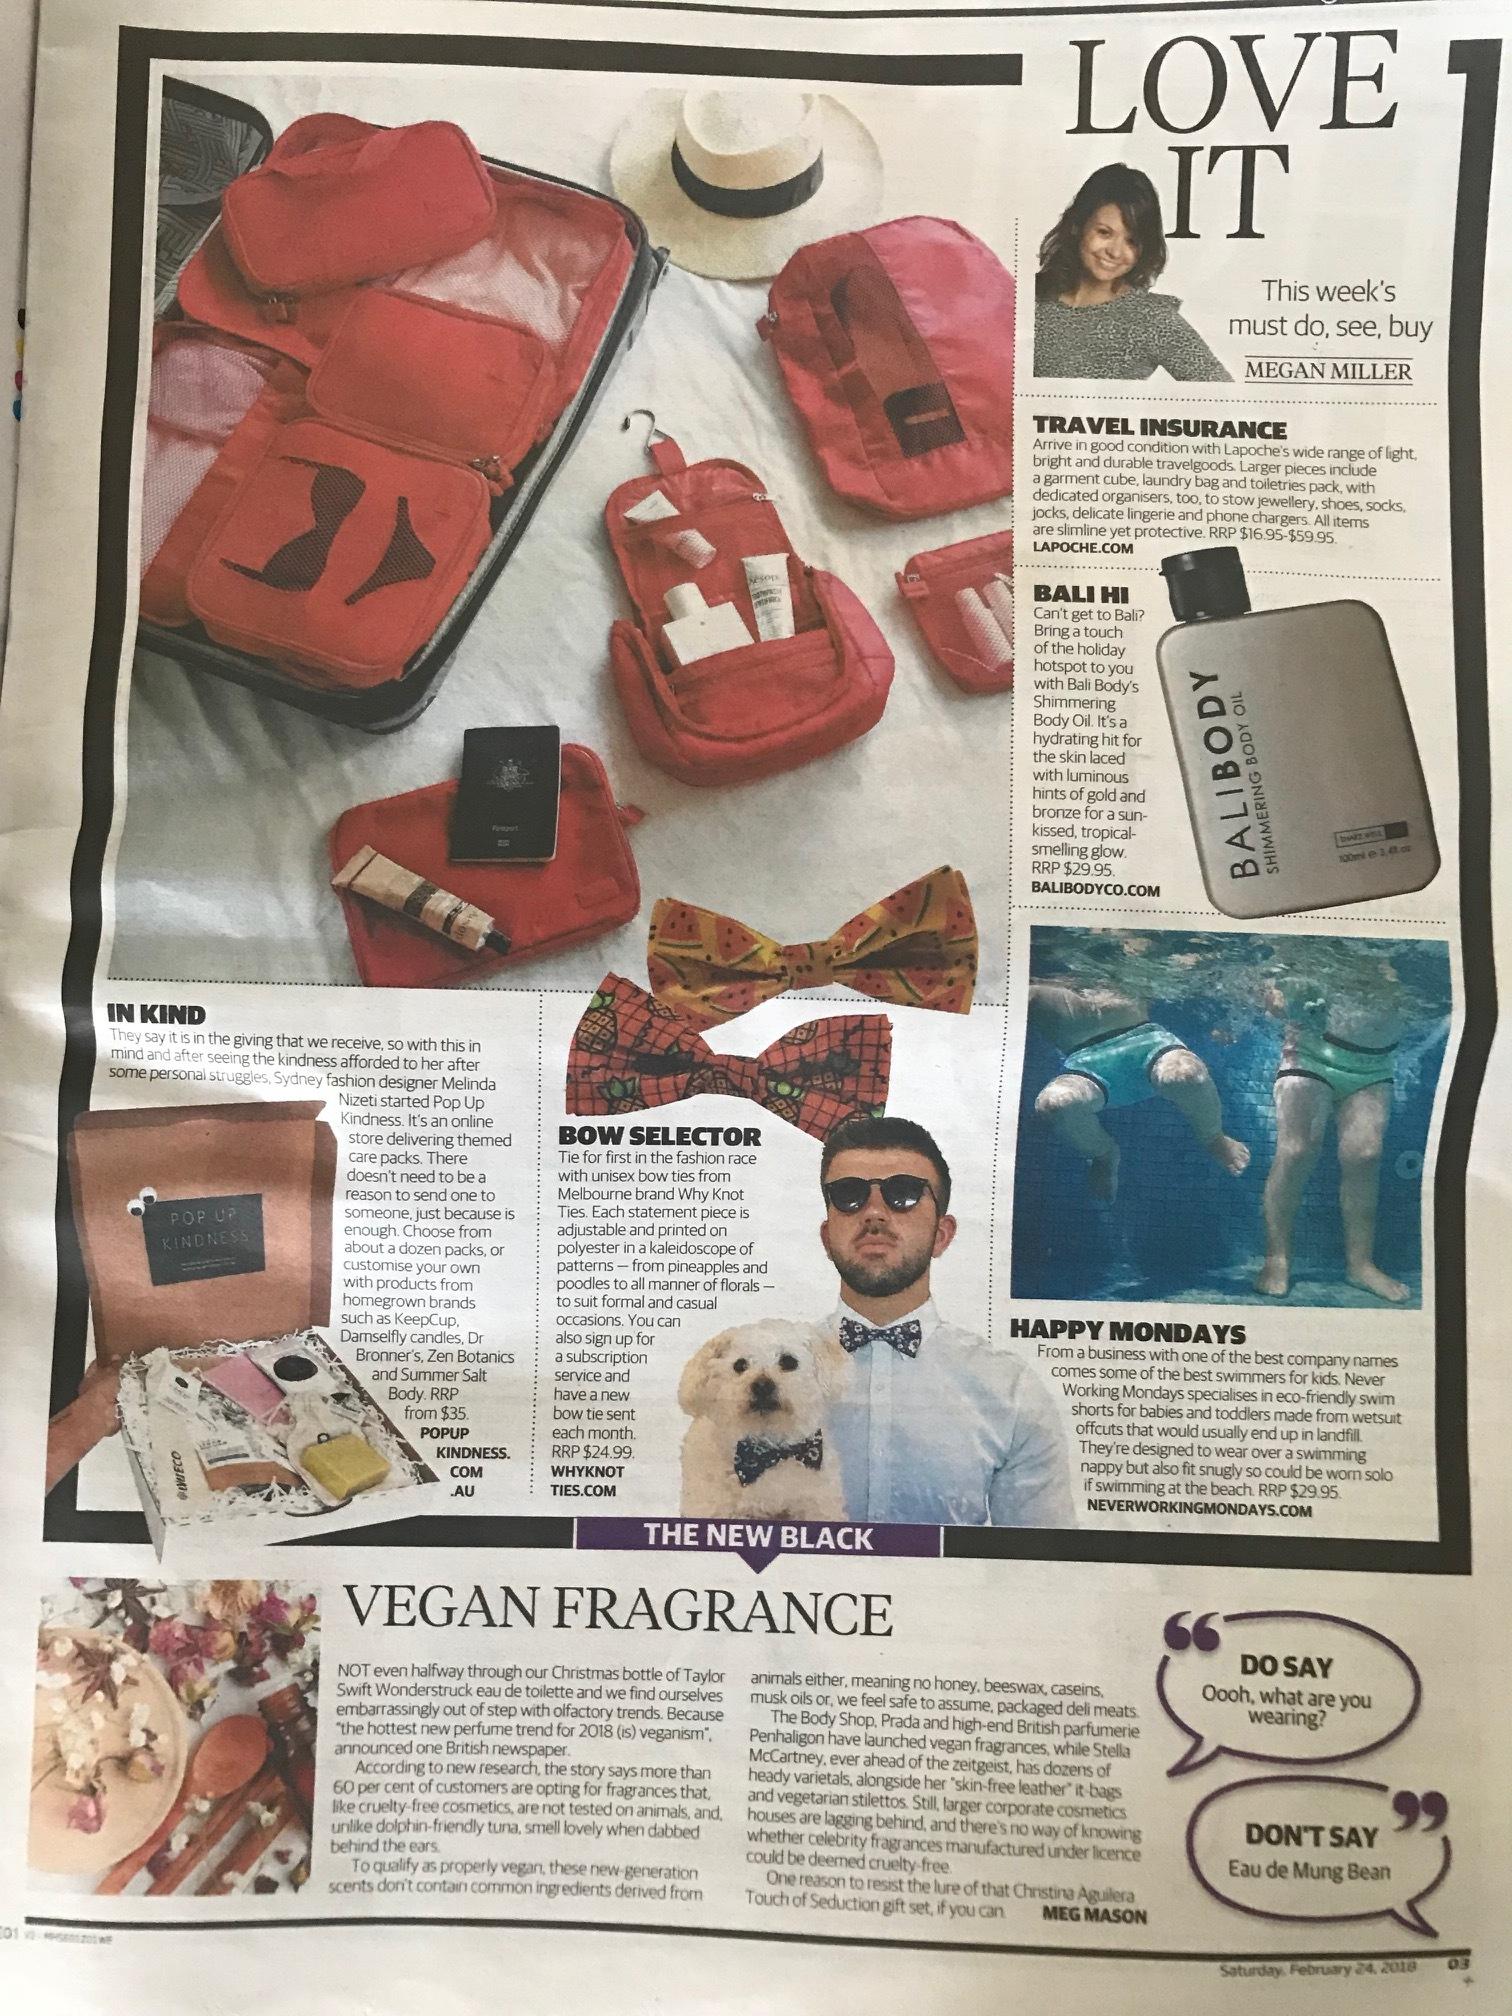 Herald Sun Love It | Lapoche 24.02.18.jpg